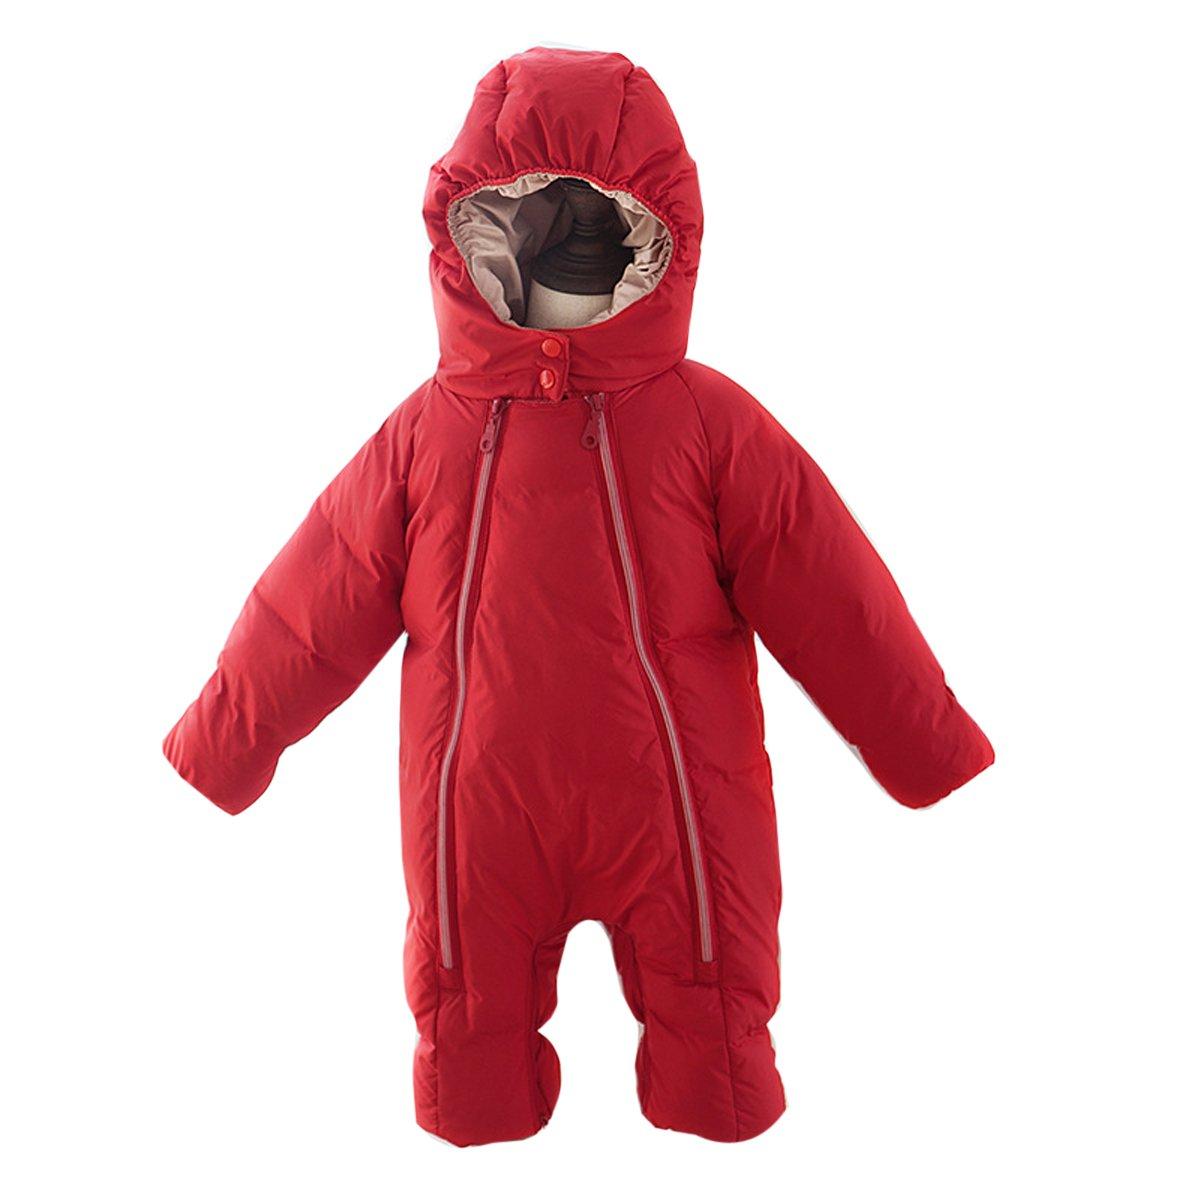 Bebone Newborn Baby Hooded Winter Puffer Snowsuit Outwear